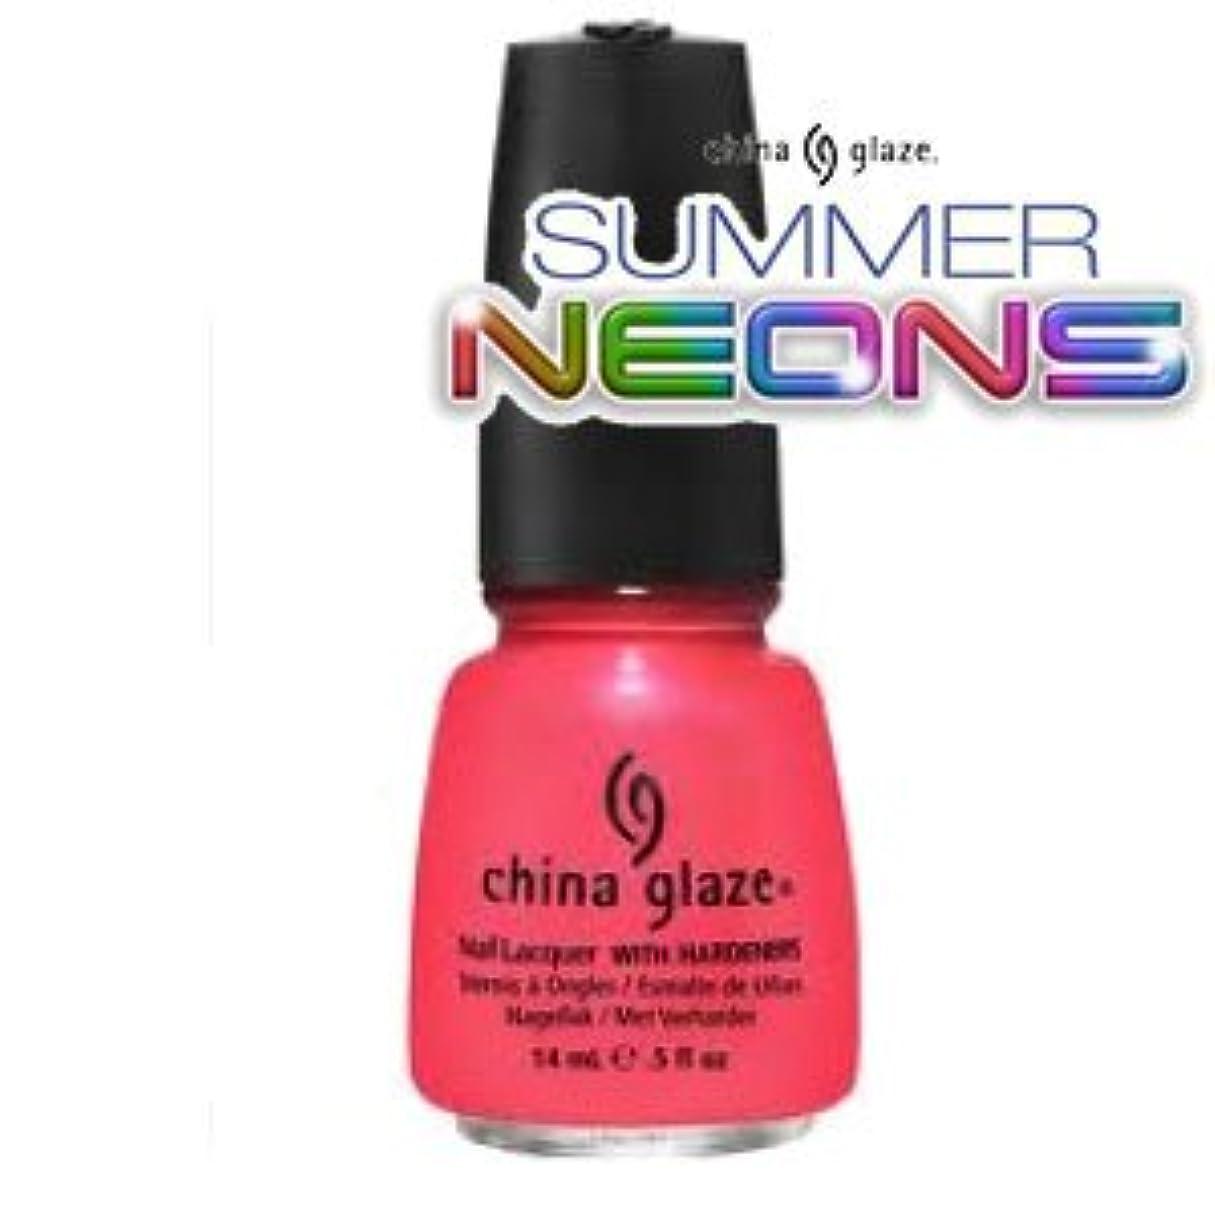 分ベンチャー放課後(チャイナグレイズ)China Glaze Flirty Tankiniーサマーネオン コレクション [海外直送品][並行輸入品]